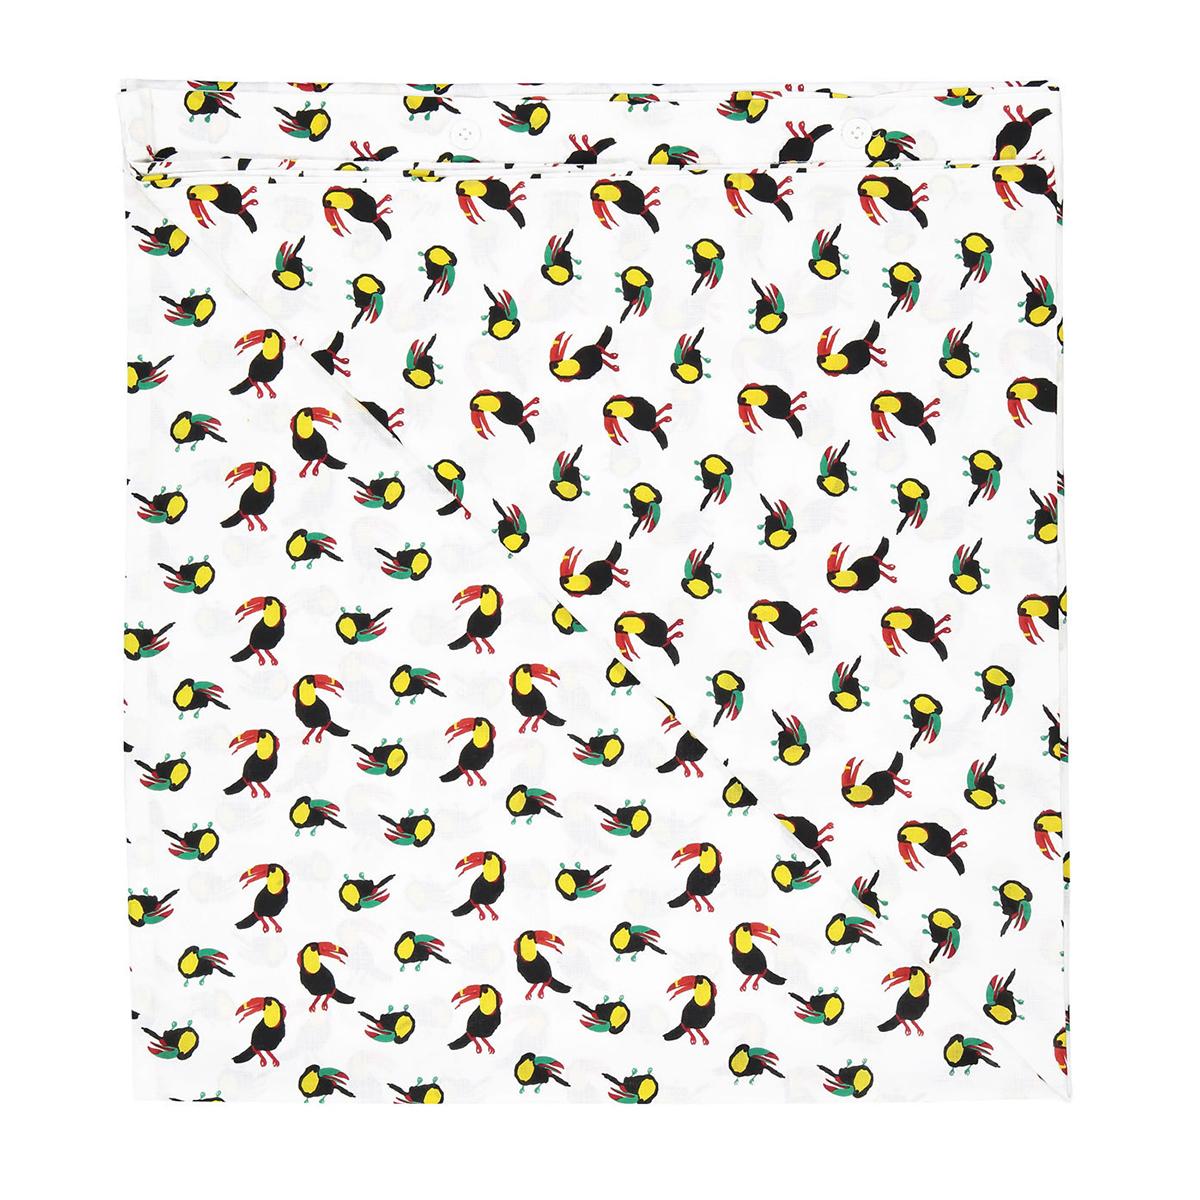 Linge de lit Parure Toucan - 100 x 140 cm Parure Toucan - 100 x 140 cm